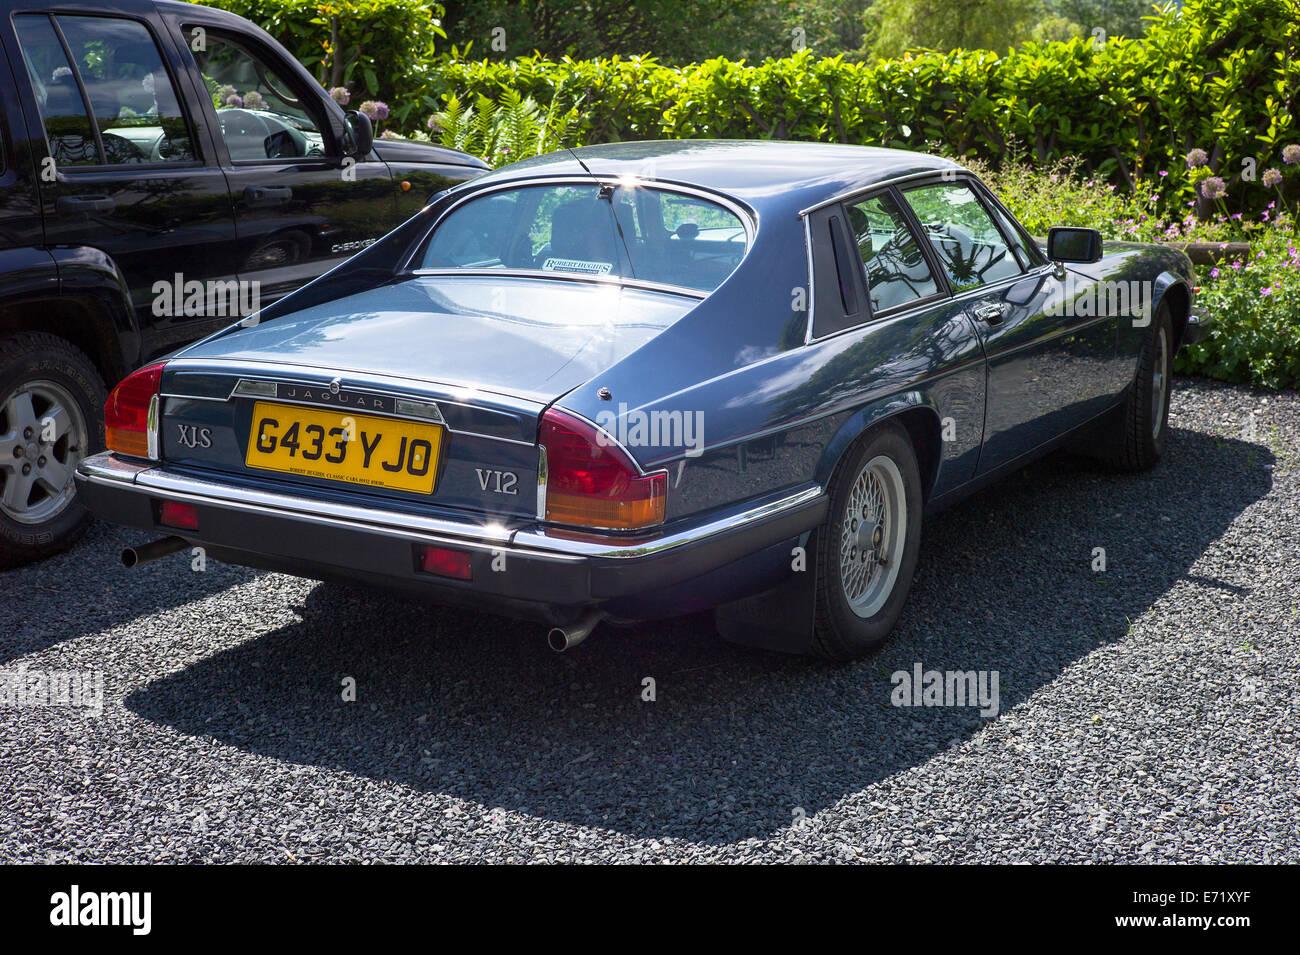 Sleek Lines Of An Old Jaguar XJS Car   Stock Image